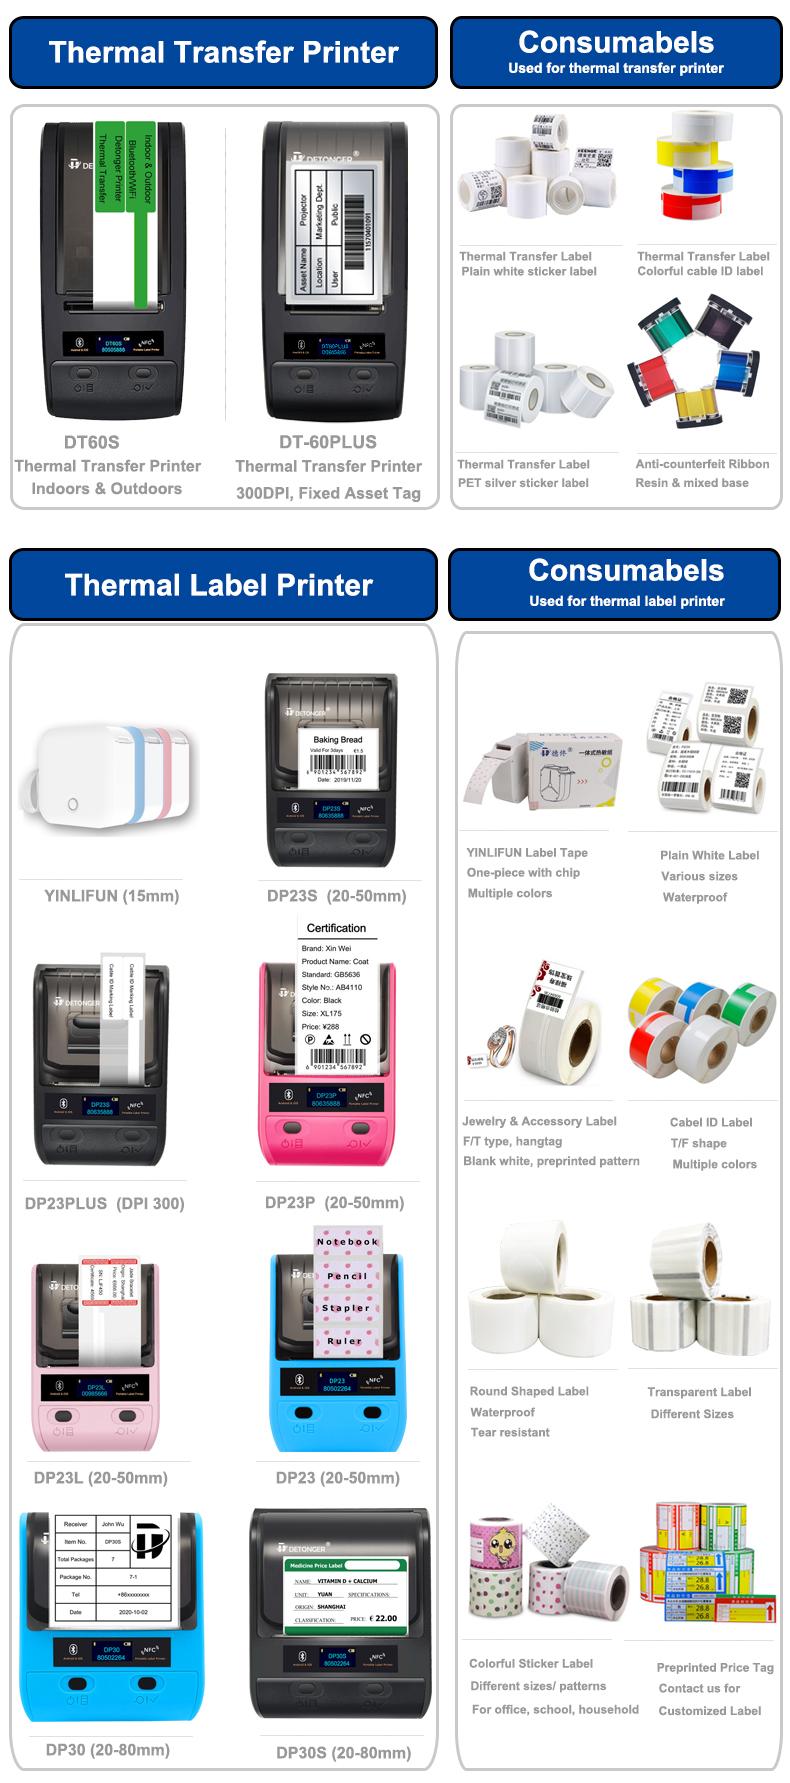 Detonger etiqueta impressão de preço, etiqueta para código de barras qr código dp23 série impressora térmica